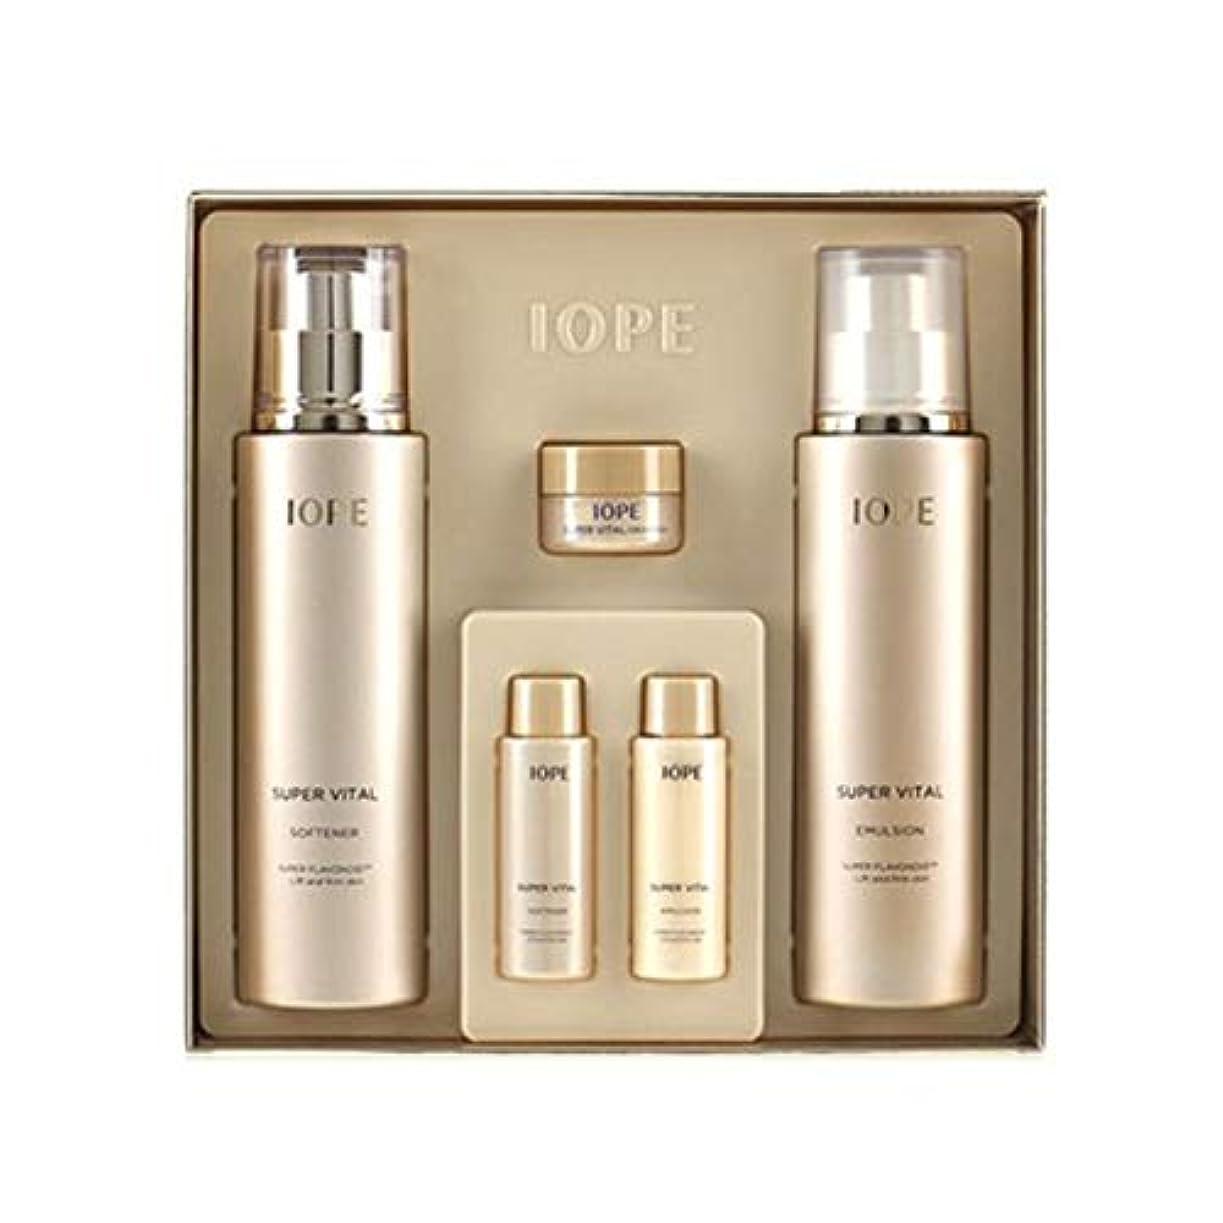 かけがえのないウールマイコンアイオペスーパーバイタル基礎化粧品ソフナーエマルジョンセット韓国コスメ、IOPE Super Vital Softener Emulsion Set Korean Cosmetics [並行輸入品]